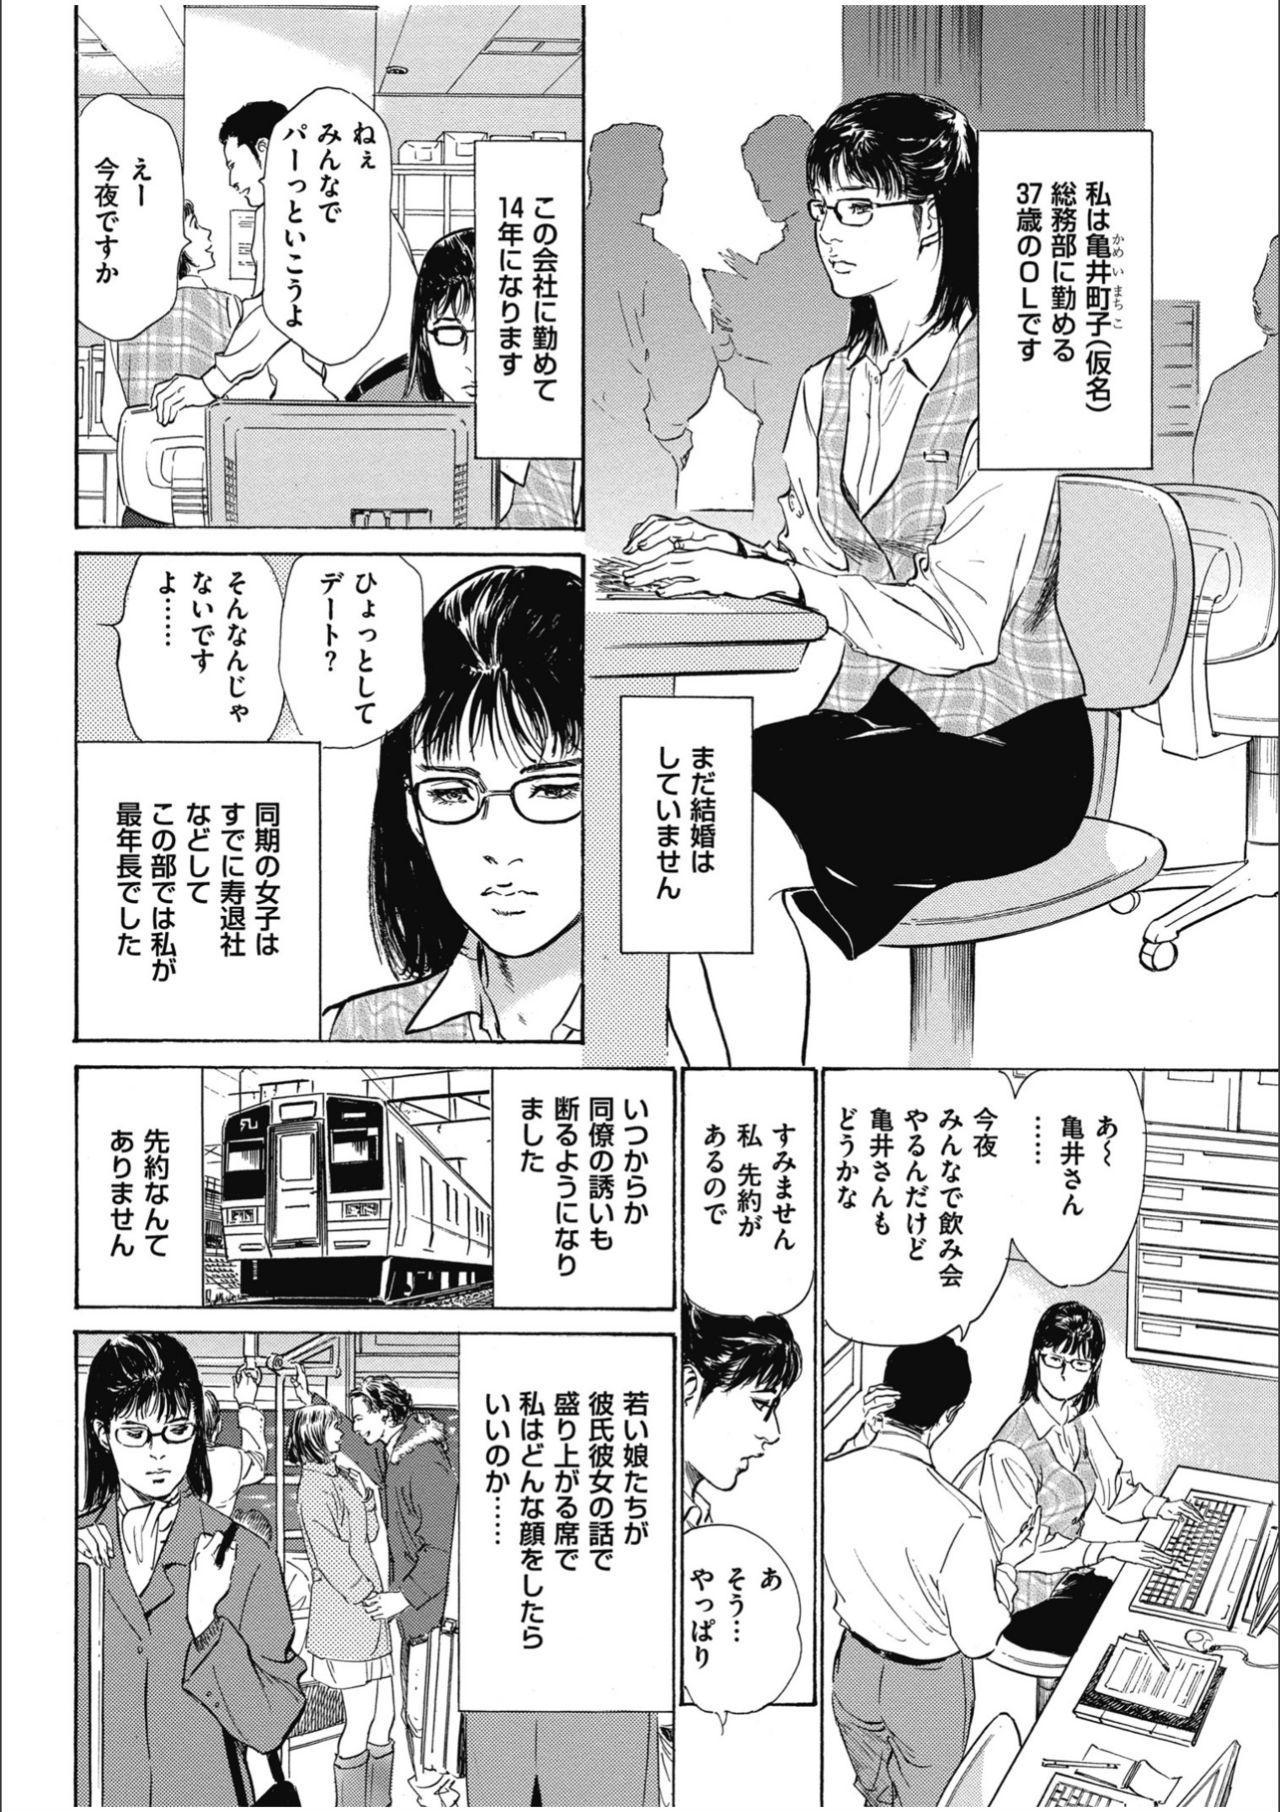 八月薫傑作マジセレ Hな体験教えます 女性投稿12連発 135